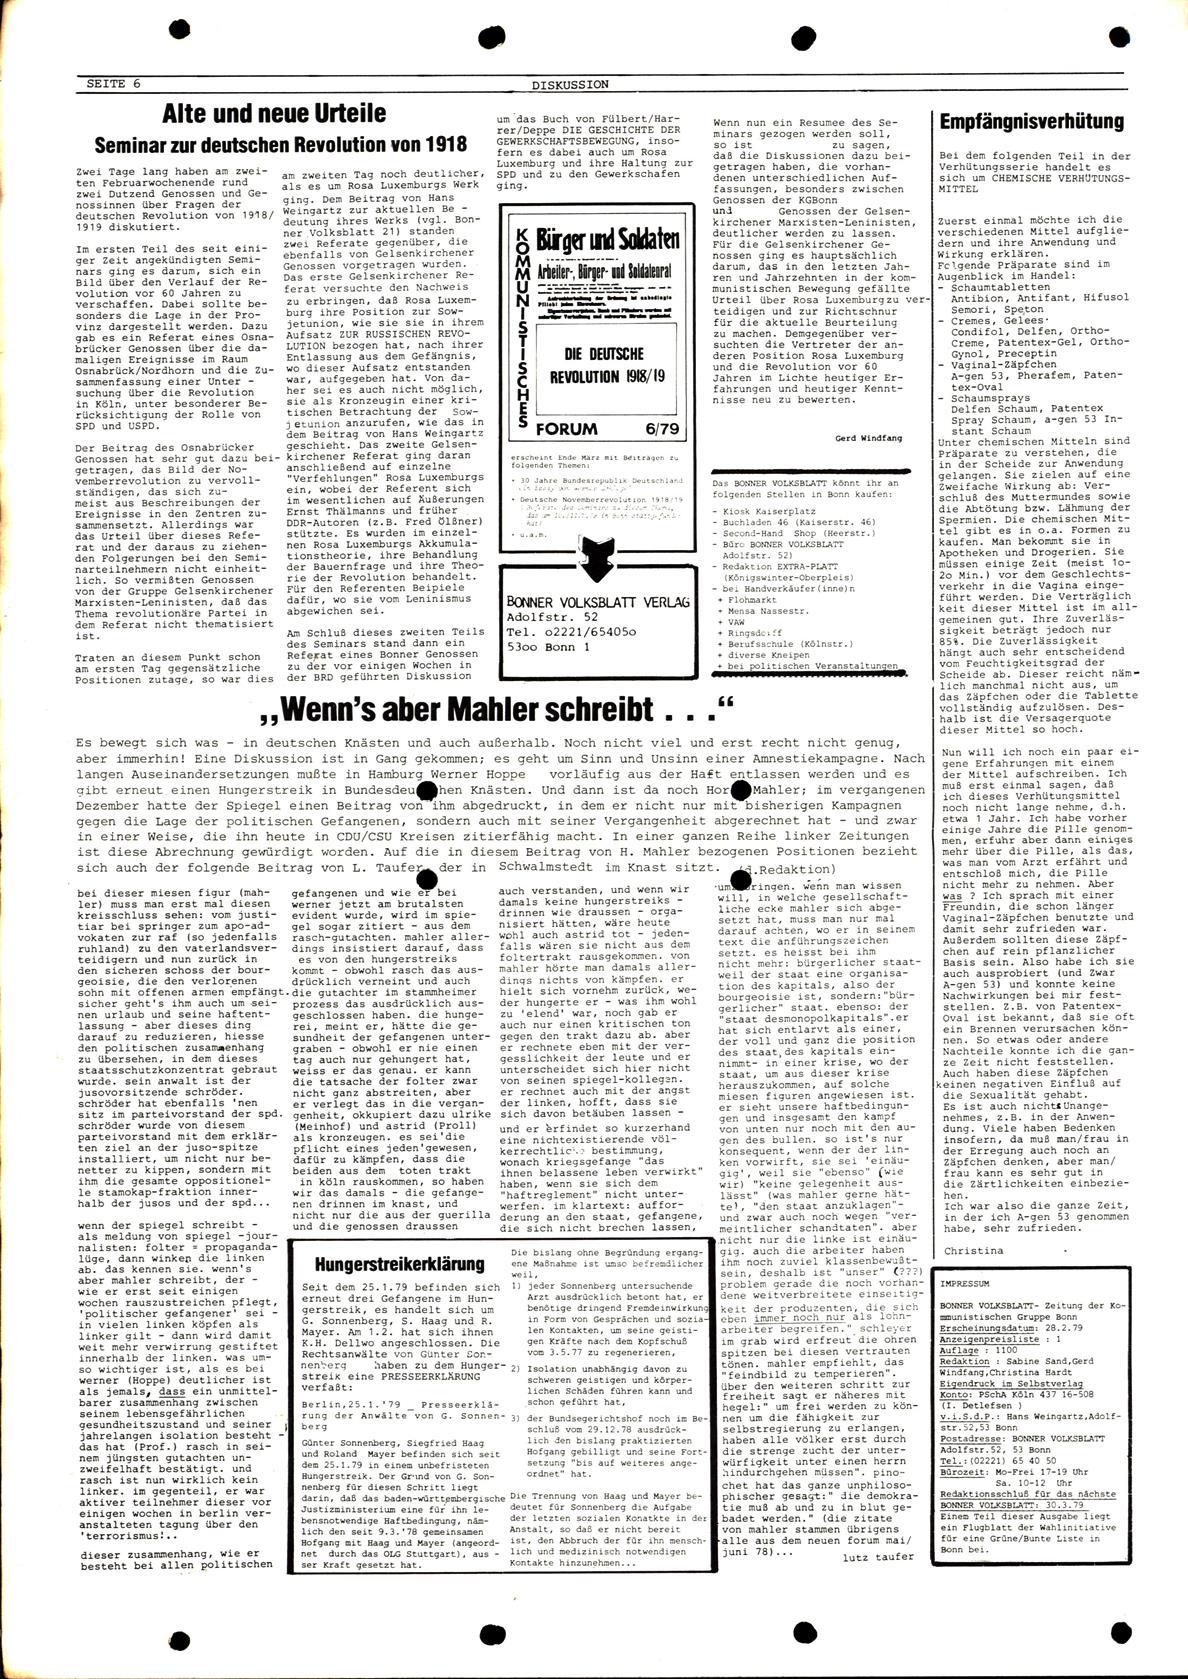 Bonner_Volksblatt_22_19790228_06